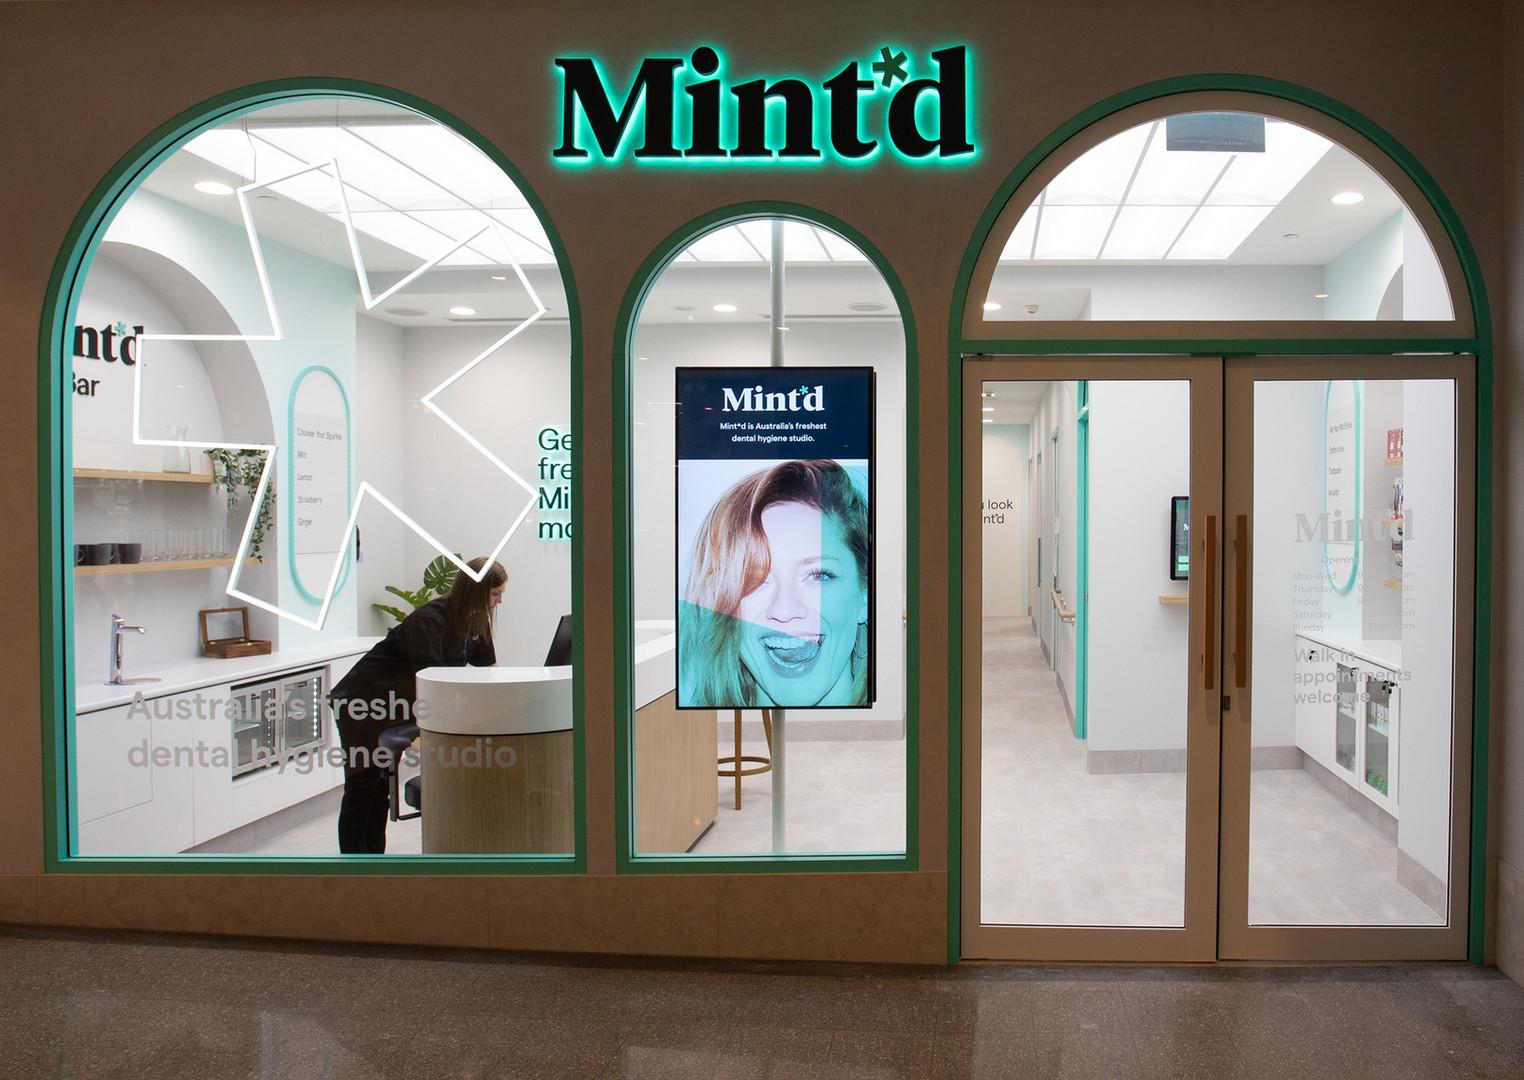 Mint'd Bondi